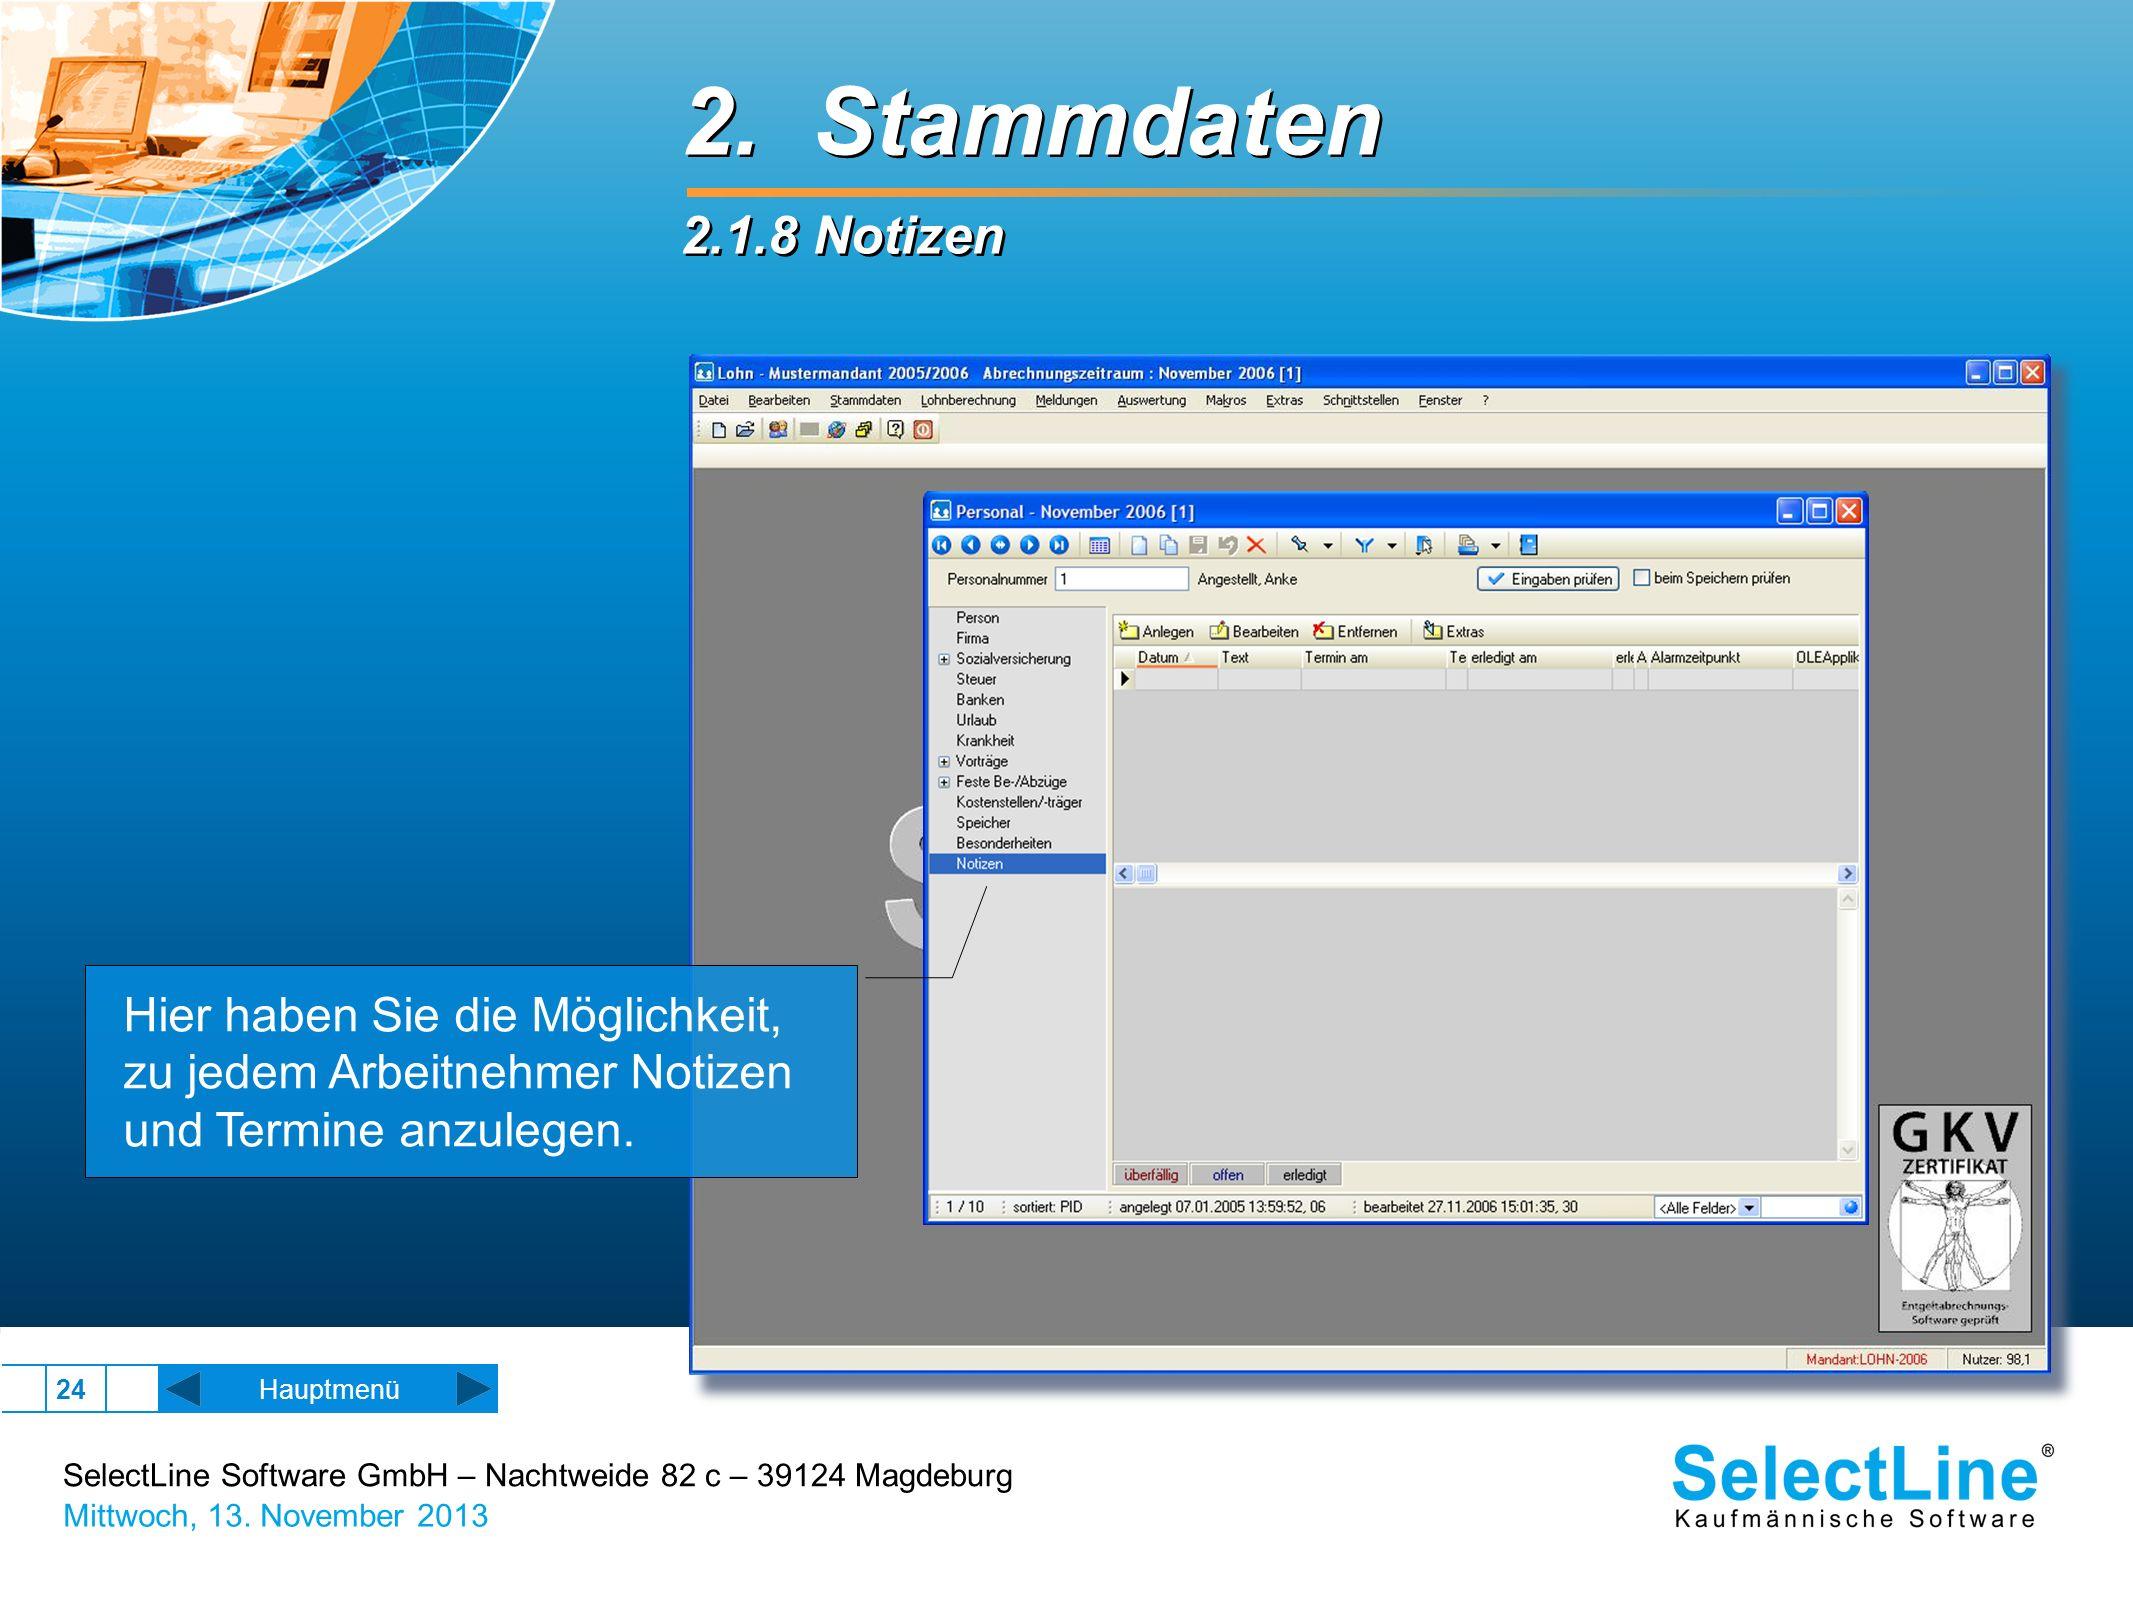 SelectLine Software GmbH – Nachtweide 82 c – 39124 Magdeburg Mittwoch, 13. November 2013 24 2. Stammdaten 2.1.8 Notizen 2. Stammdaten 2.1.8 Notizen Ha